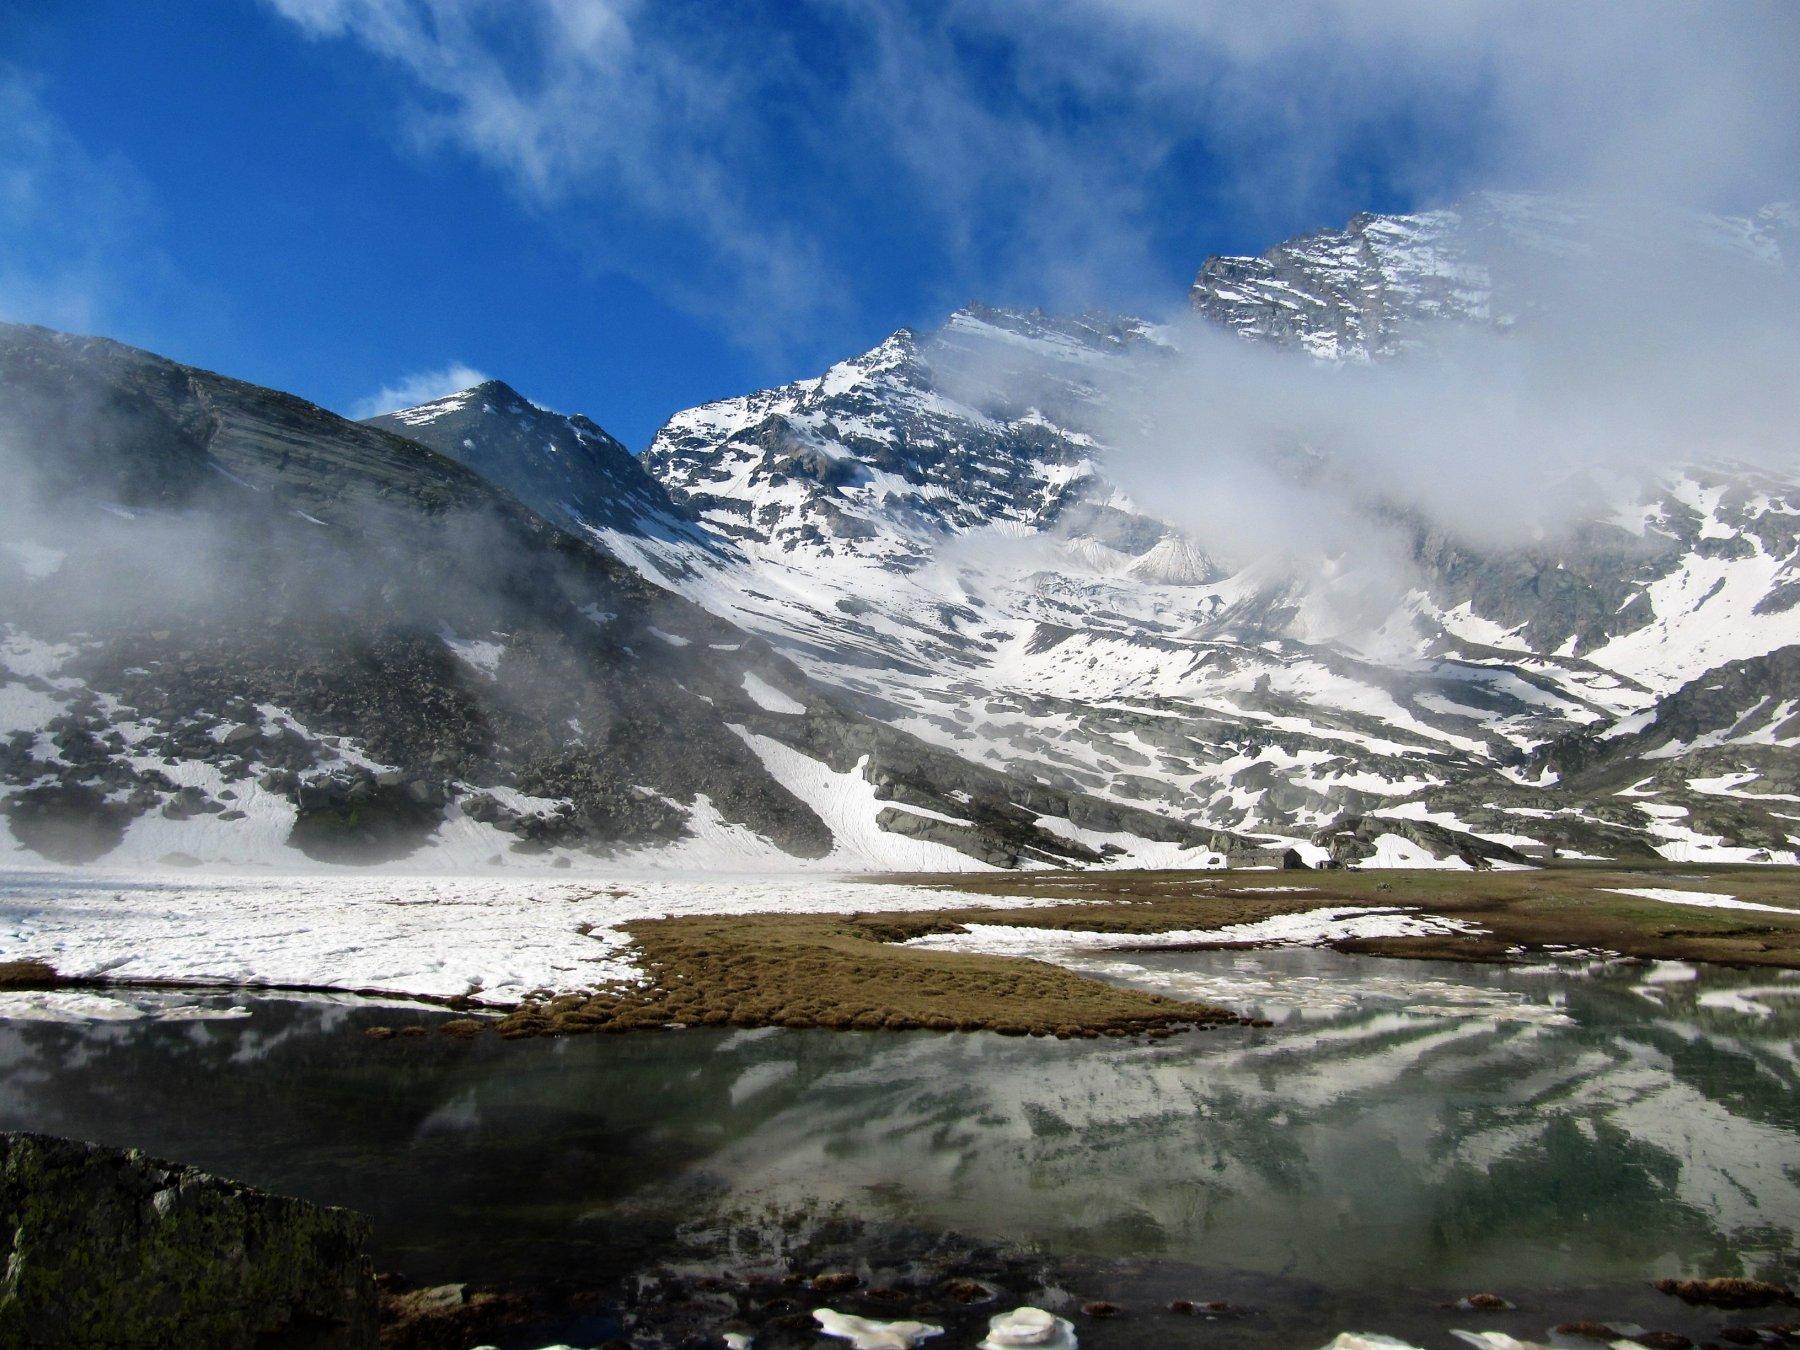 La cima vista dal lago di Nel